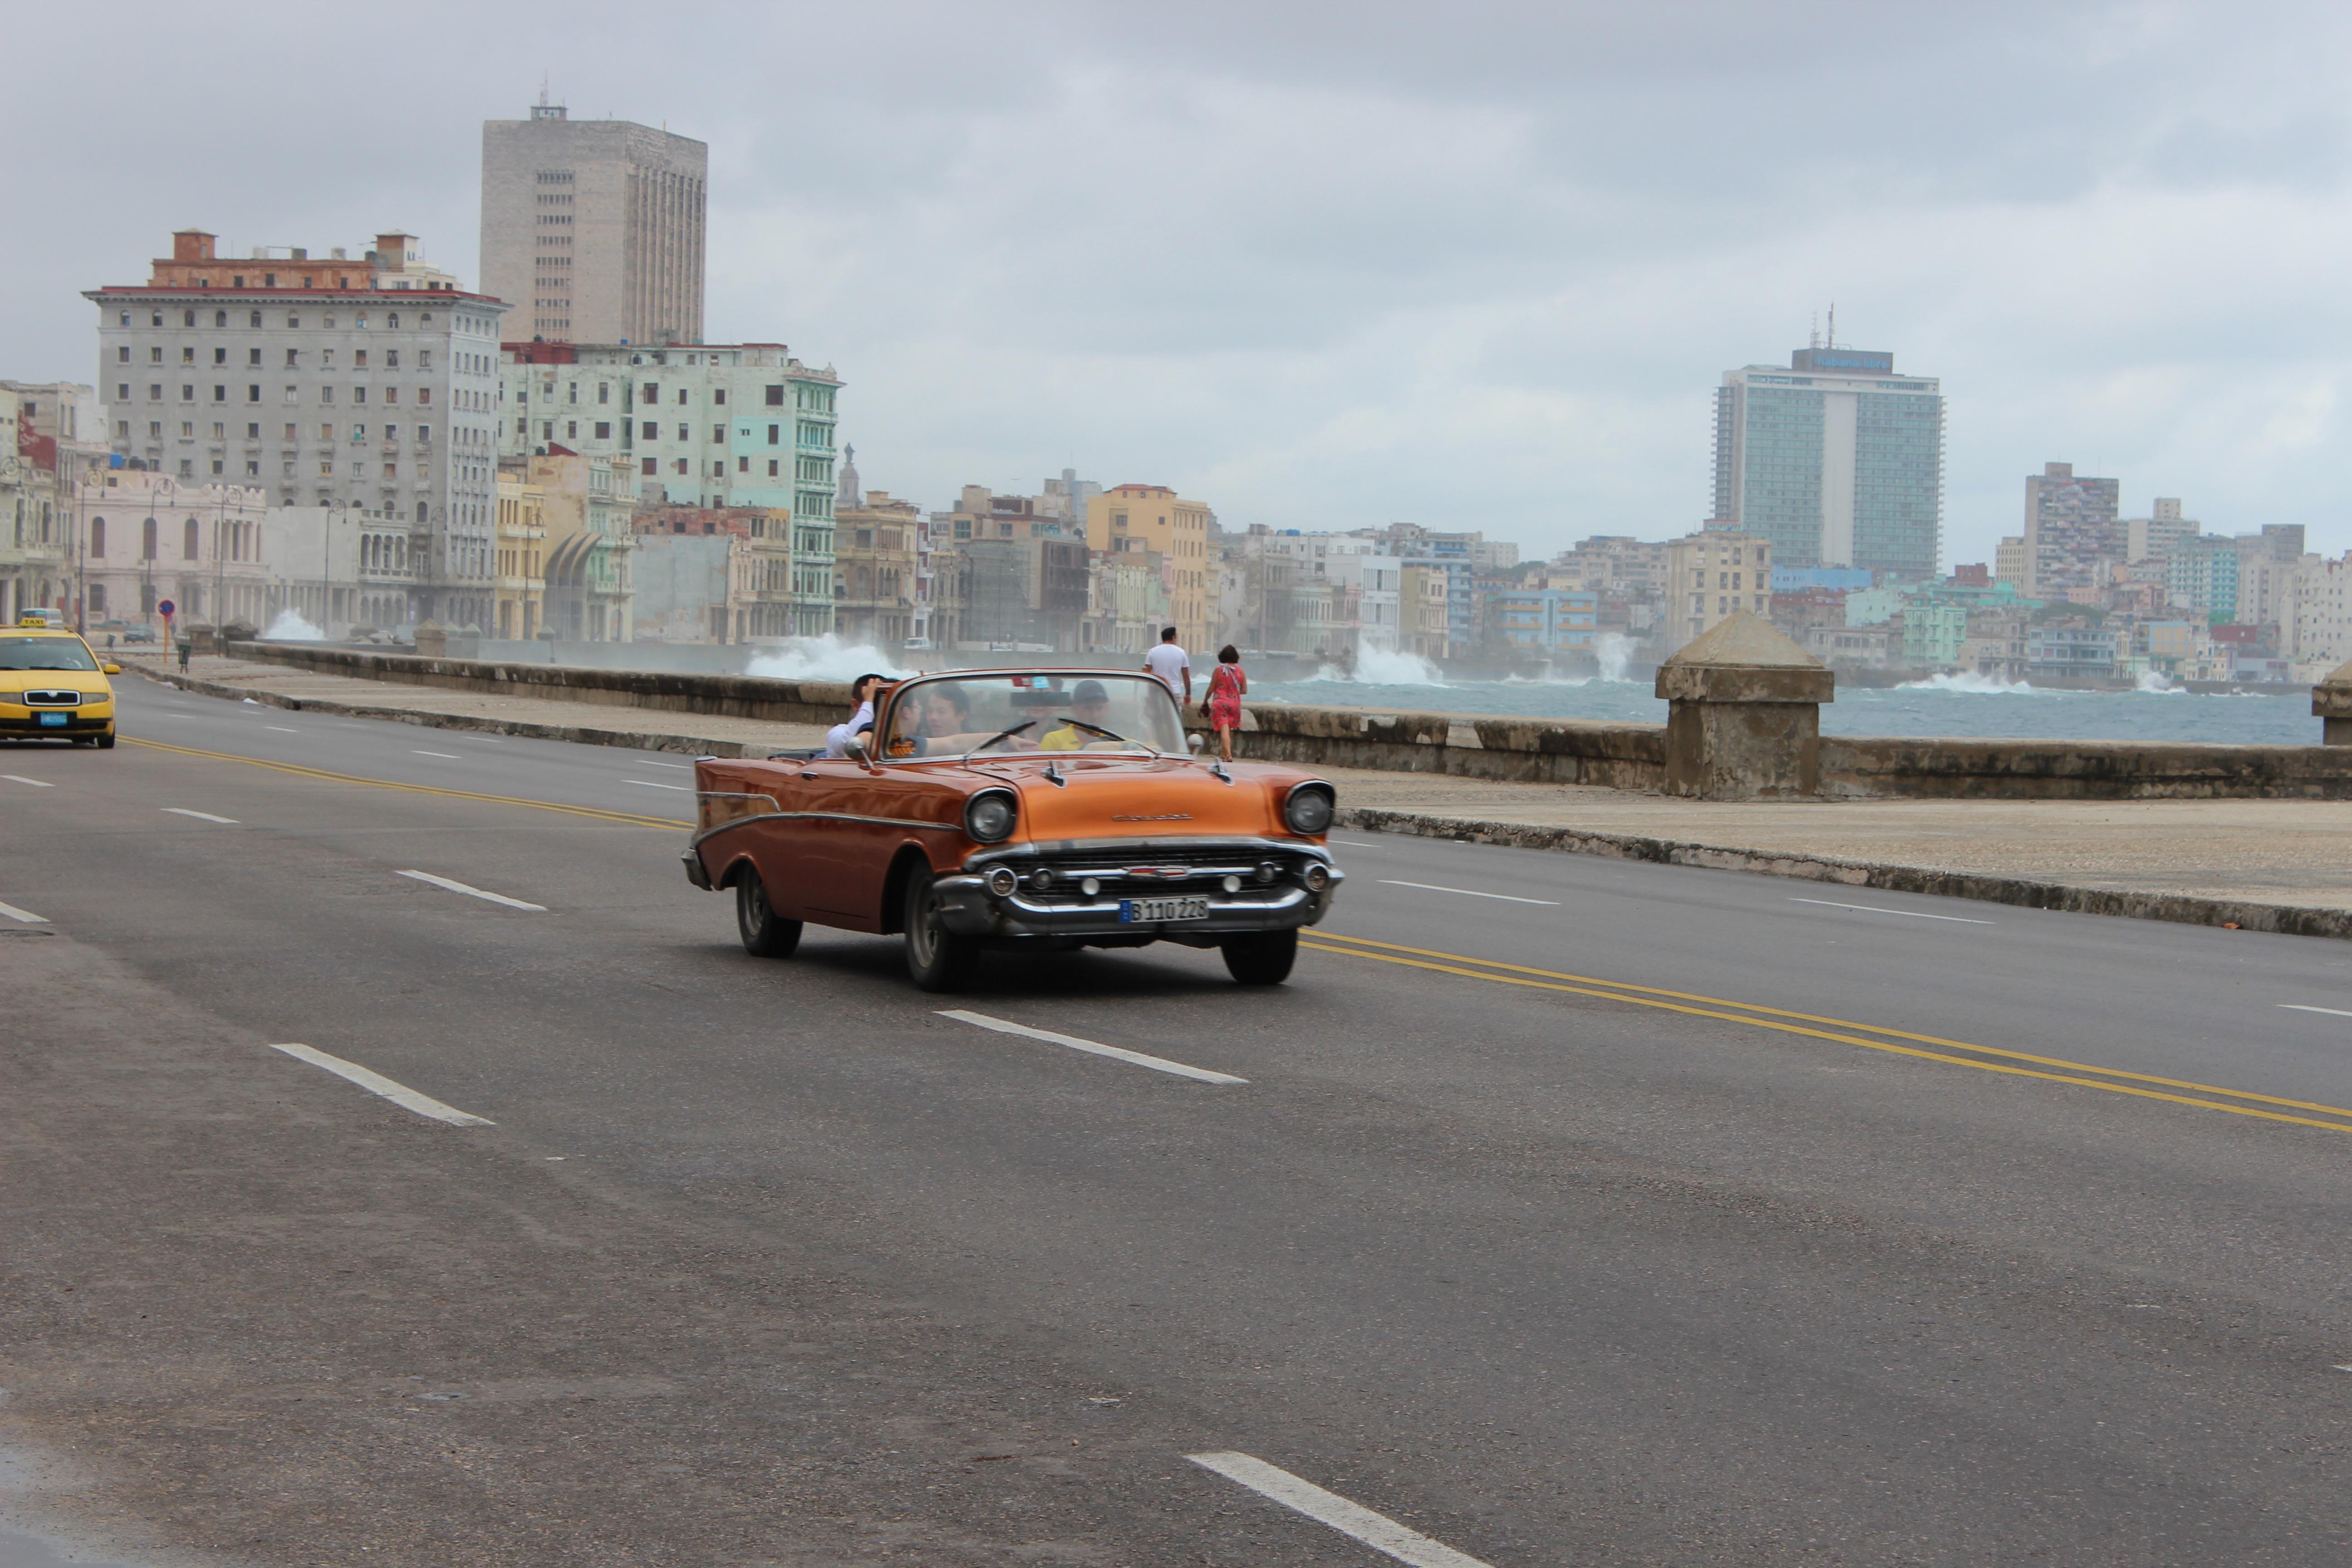 картинки : Дорога, улица, марочный, шоссе, вождение ...